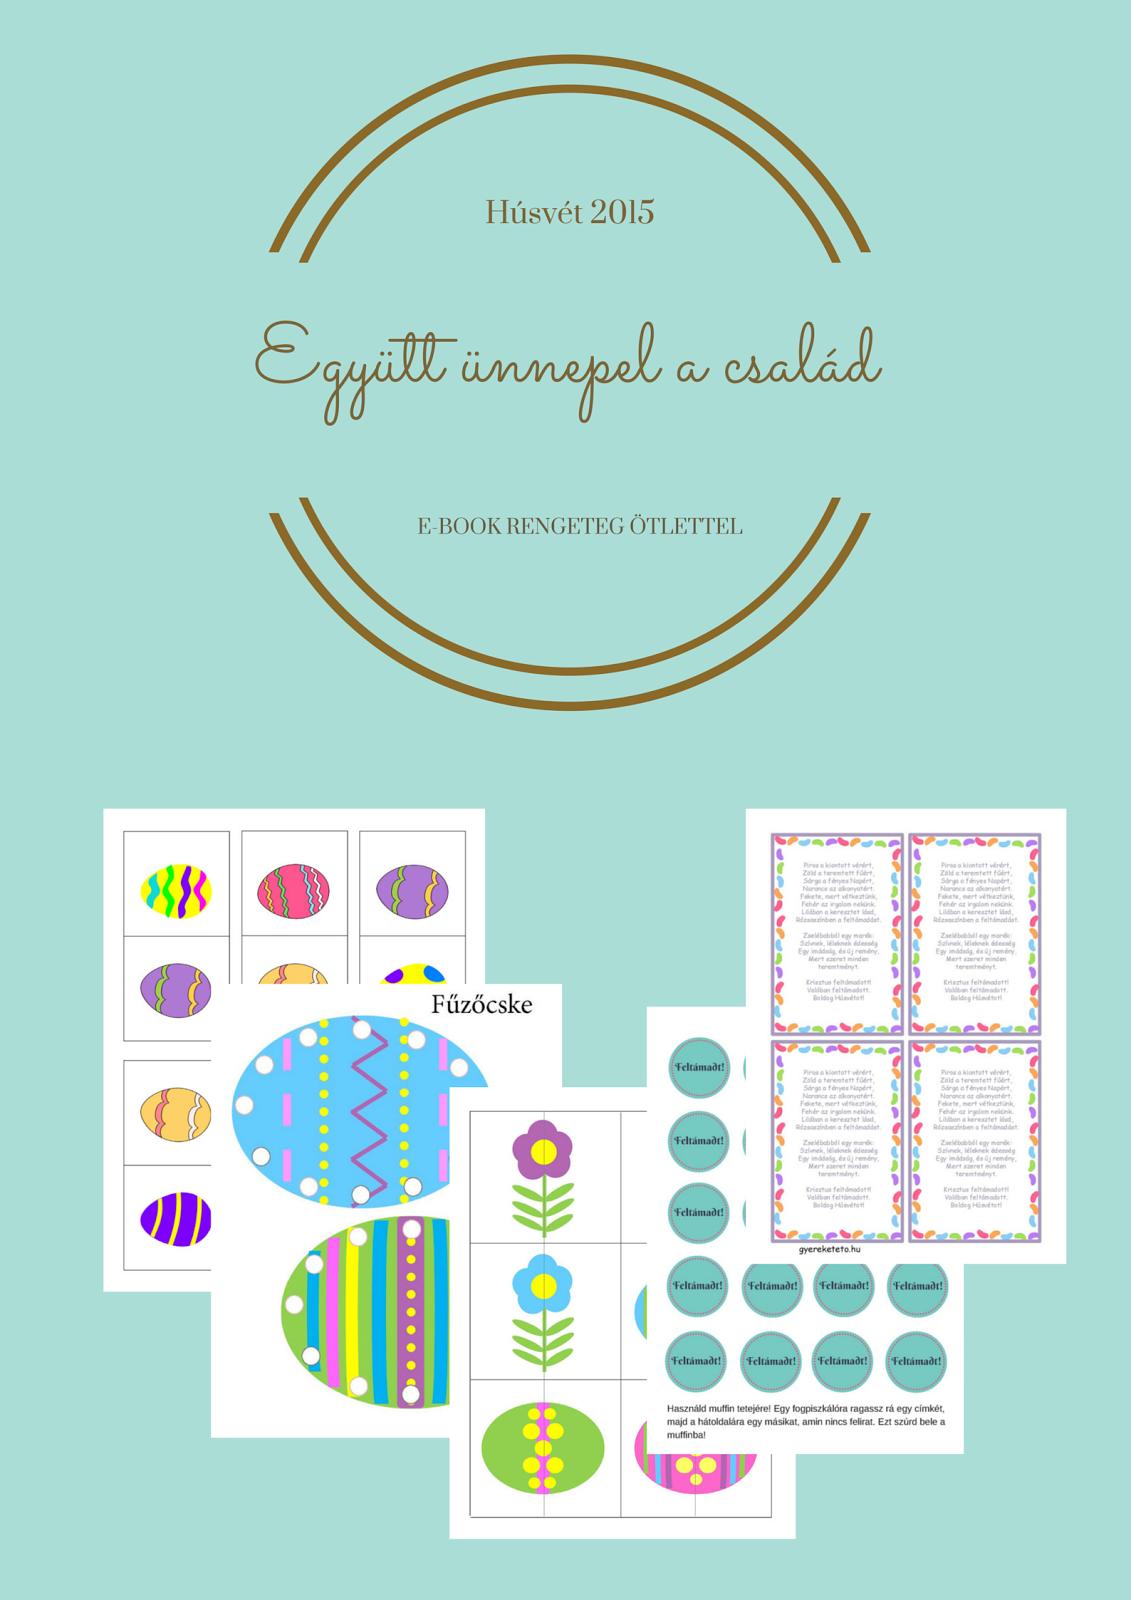 Húsvéti e-book 150 oldalon - részletekért kattints a képre!